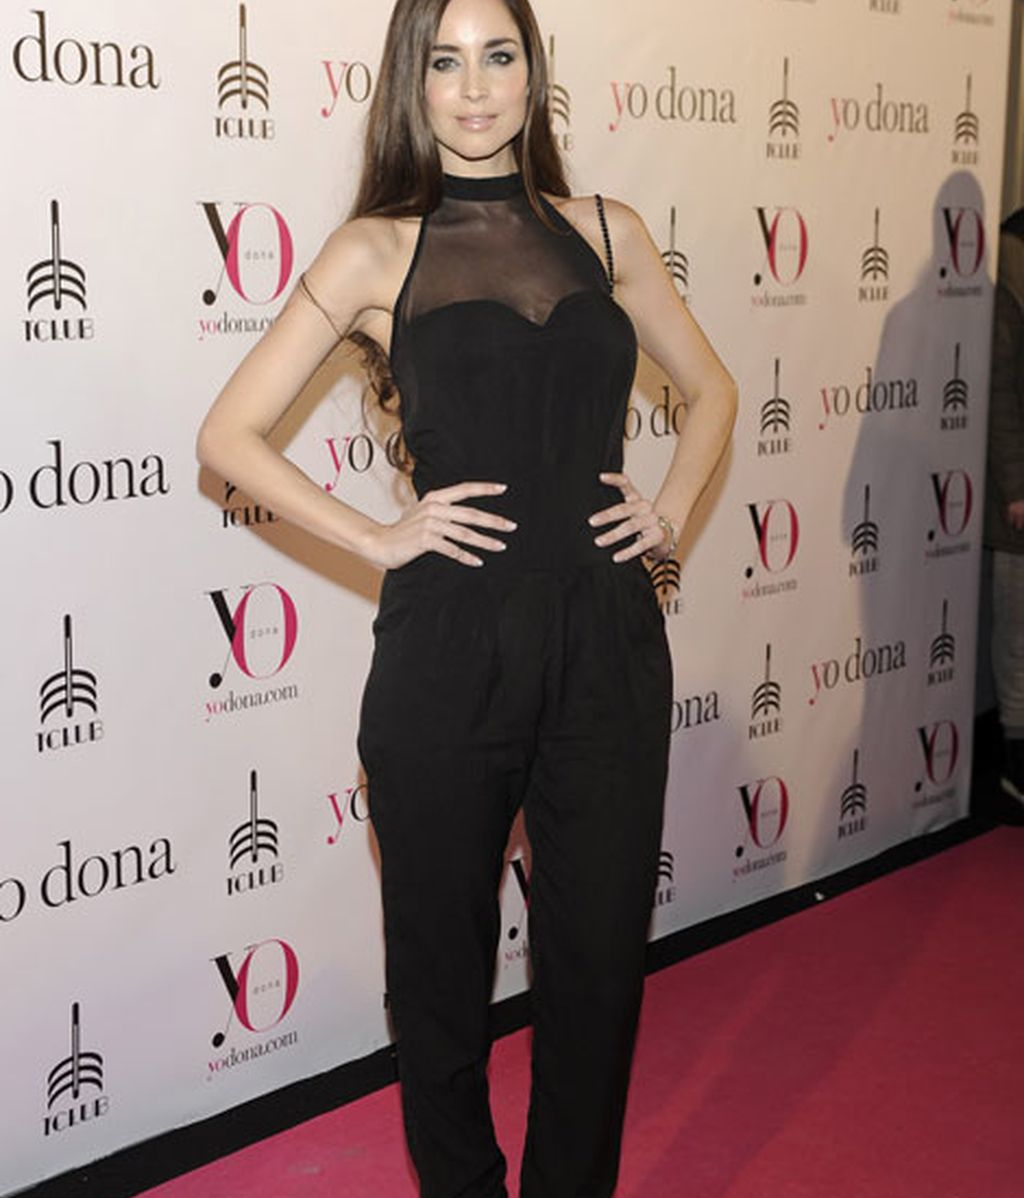 La modelo Lorena Van Heerde con un mono de color negro